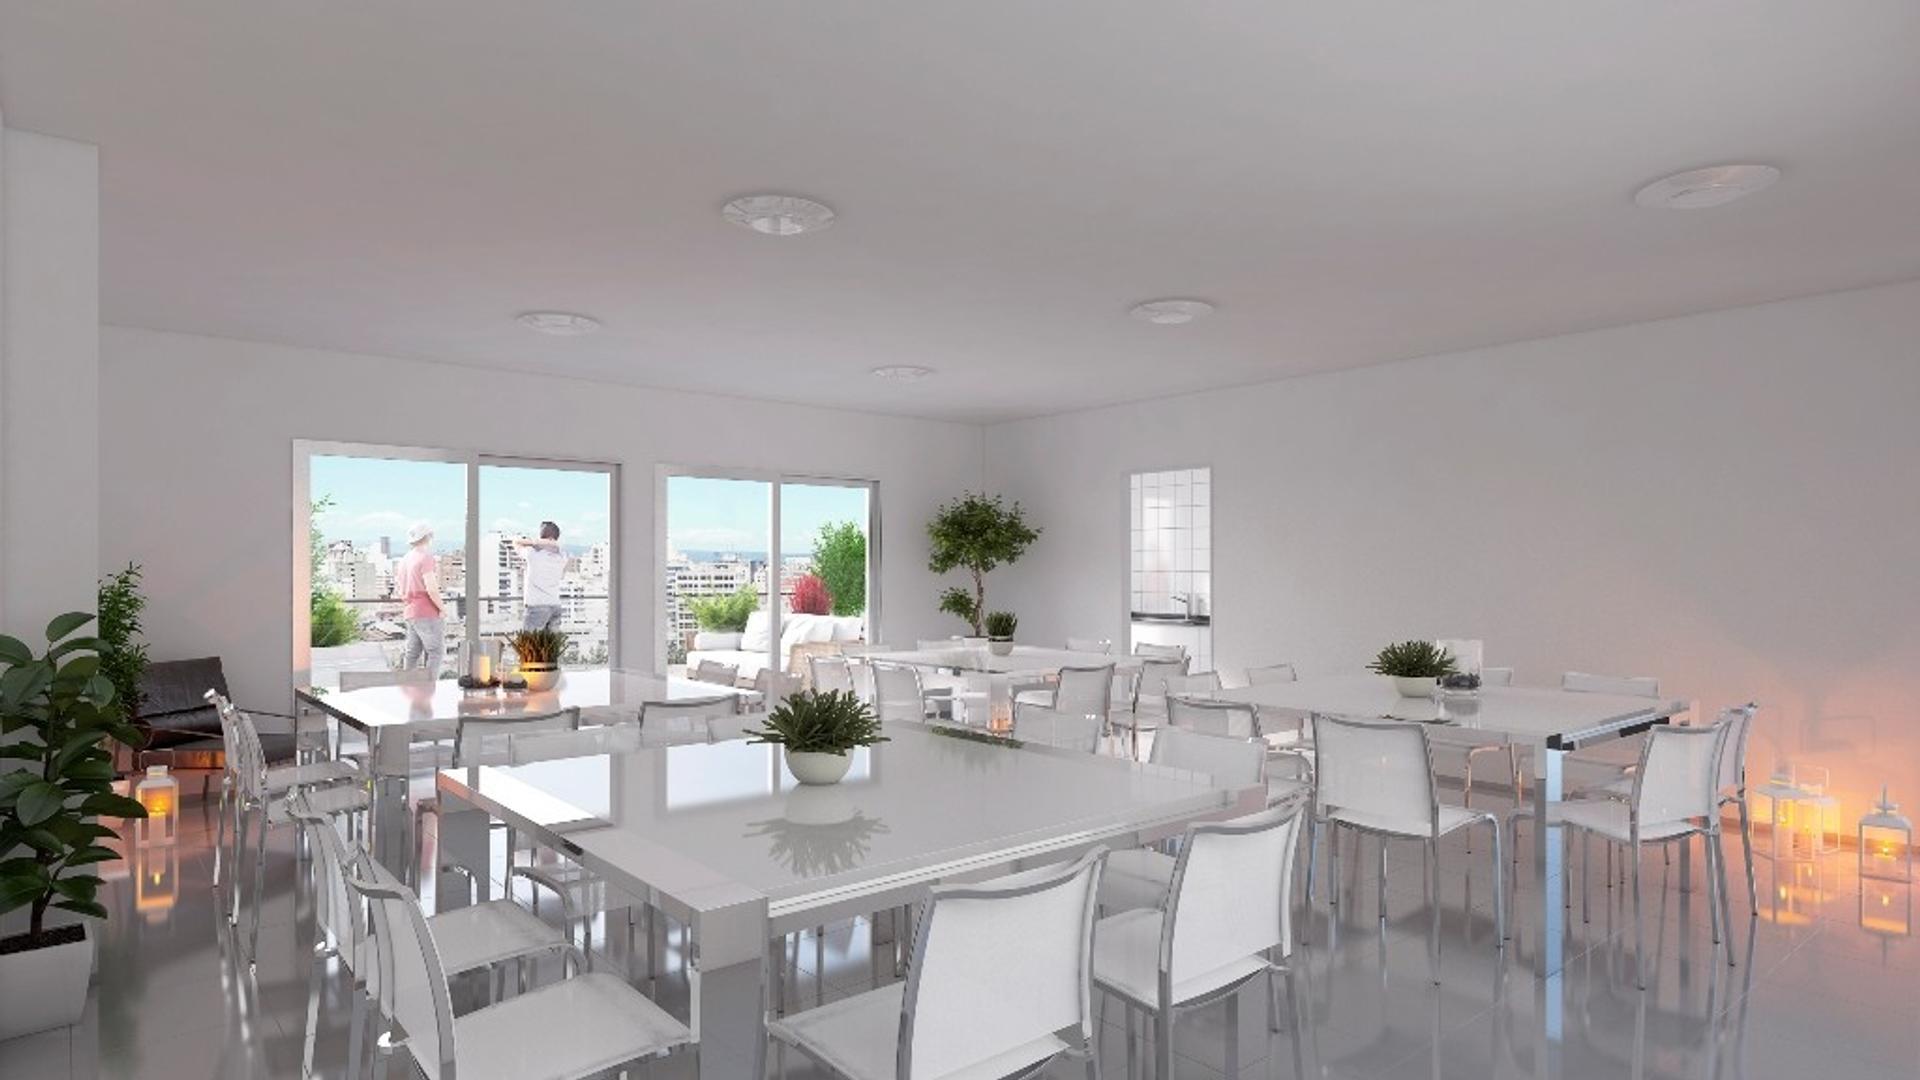 Departamento - 130 m² | 3 dormitorios | A estrenar